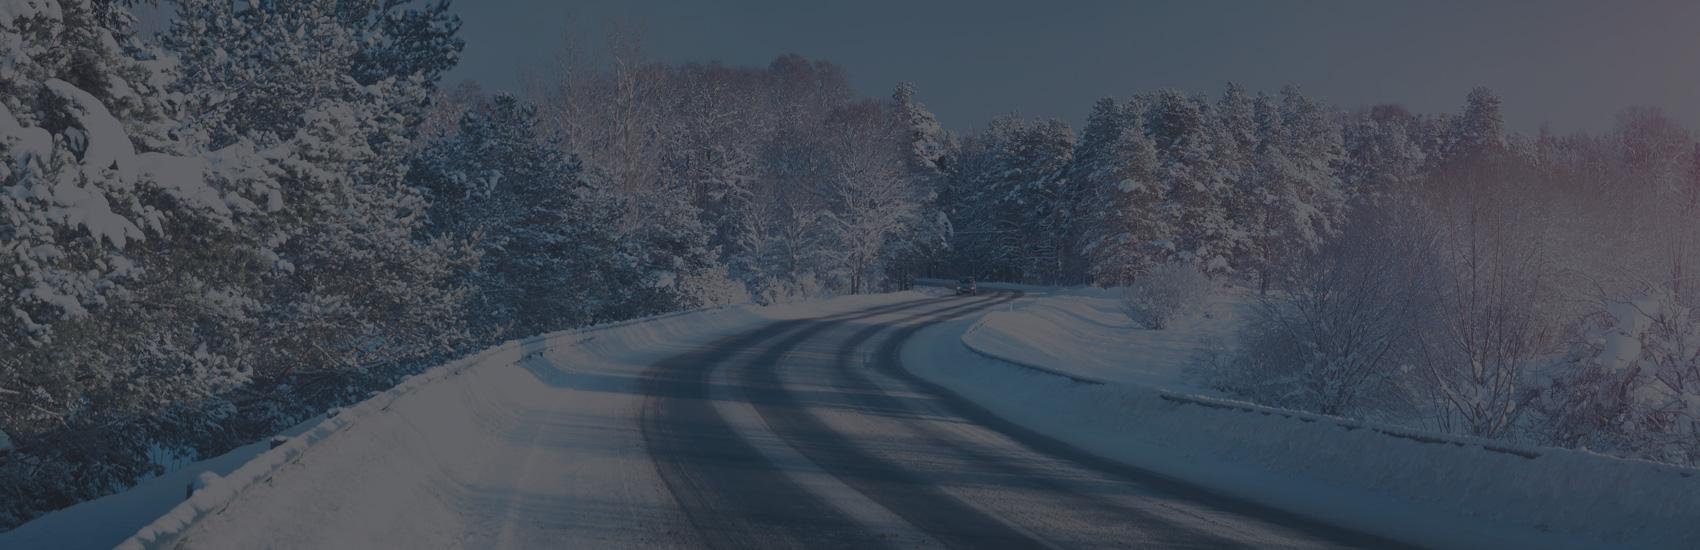 Ne rangez pas votre pelle: 25 autres centimètres de neige dans les prochains jours